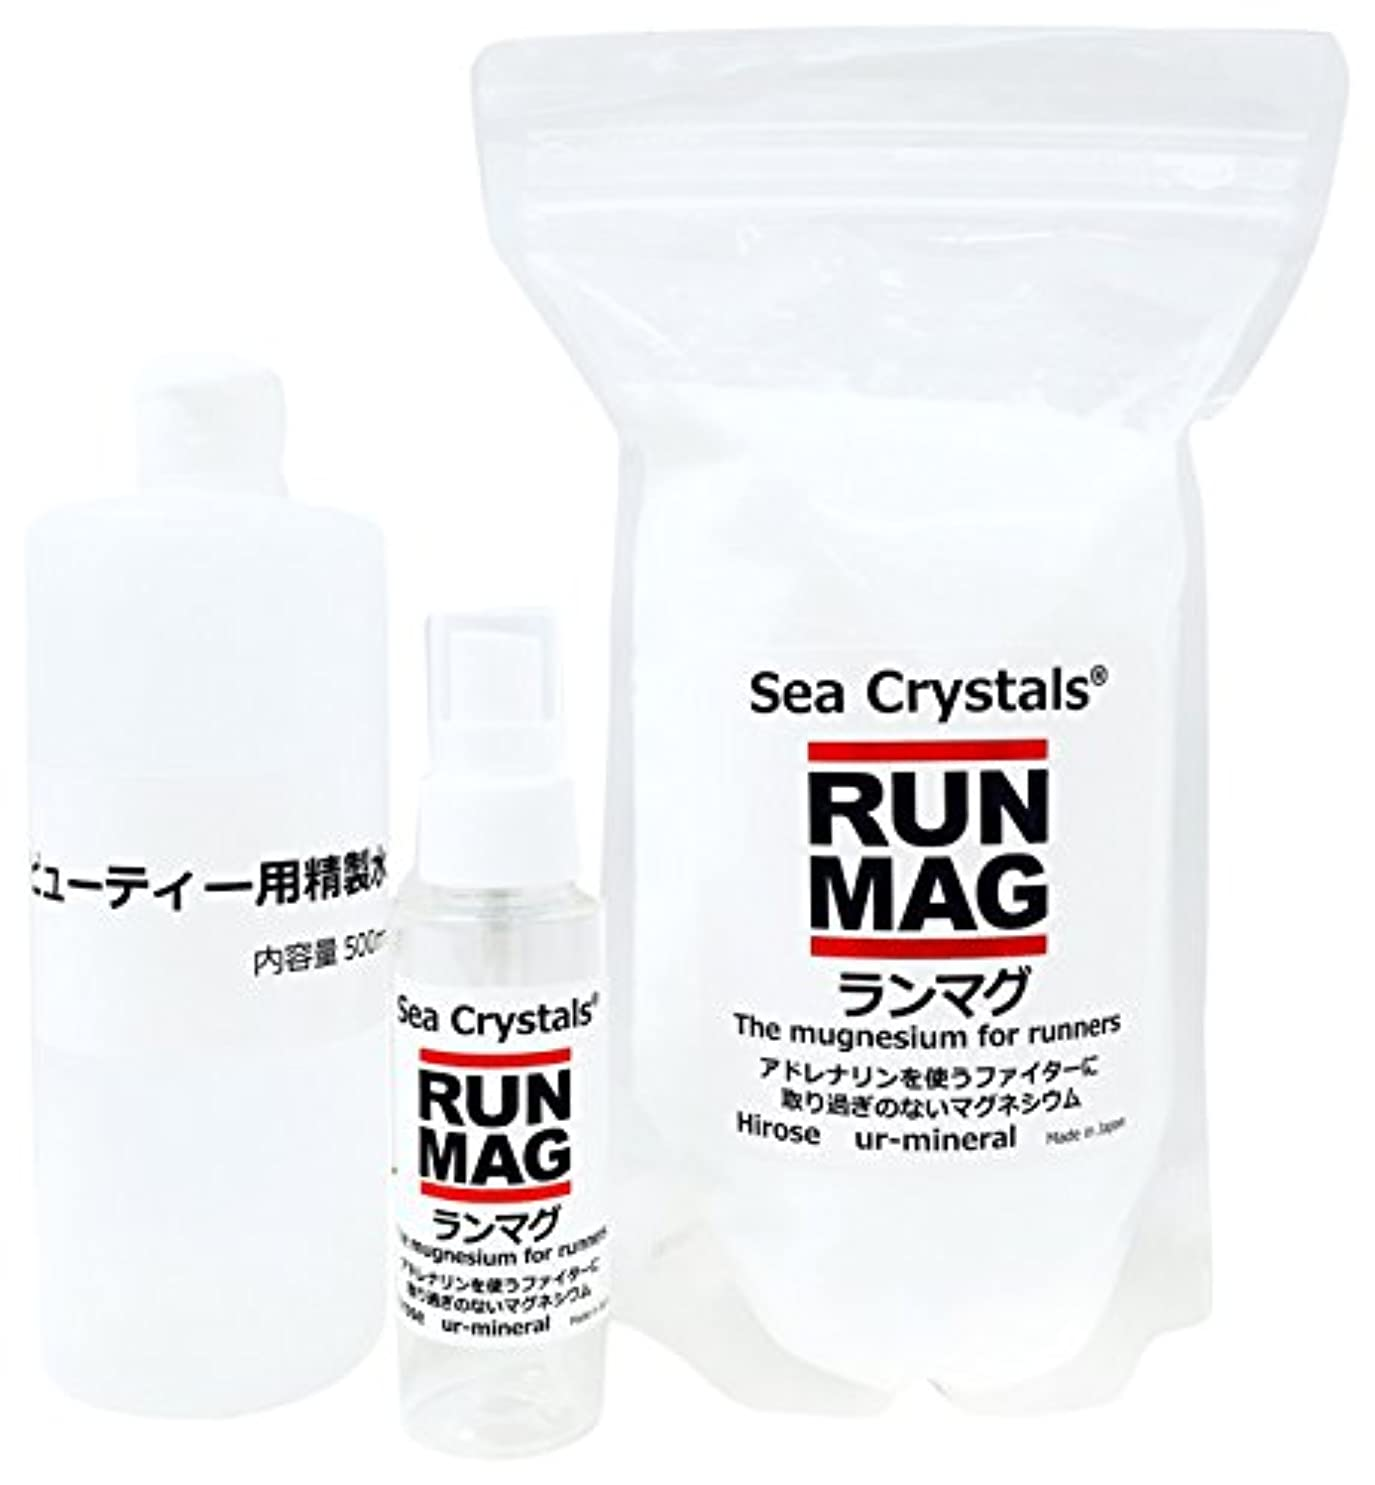 ずらす切り離す変わるランマグ?マグネシウムオイル 500g 化粧品登録 日本製 1日マグネシウム360mg使用  精製水付き